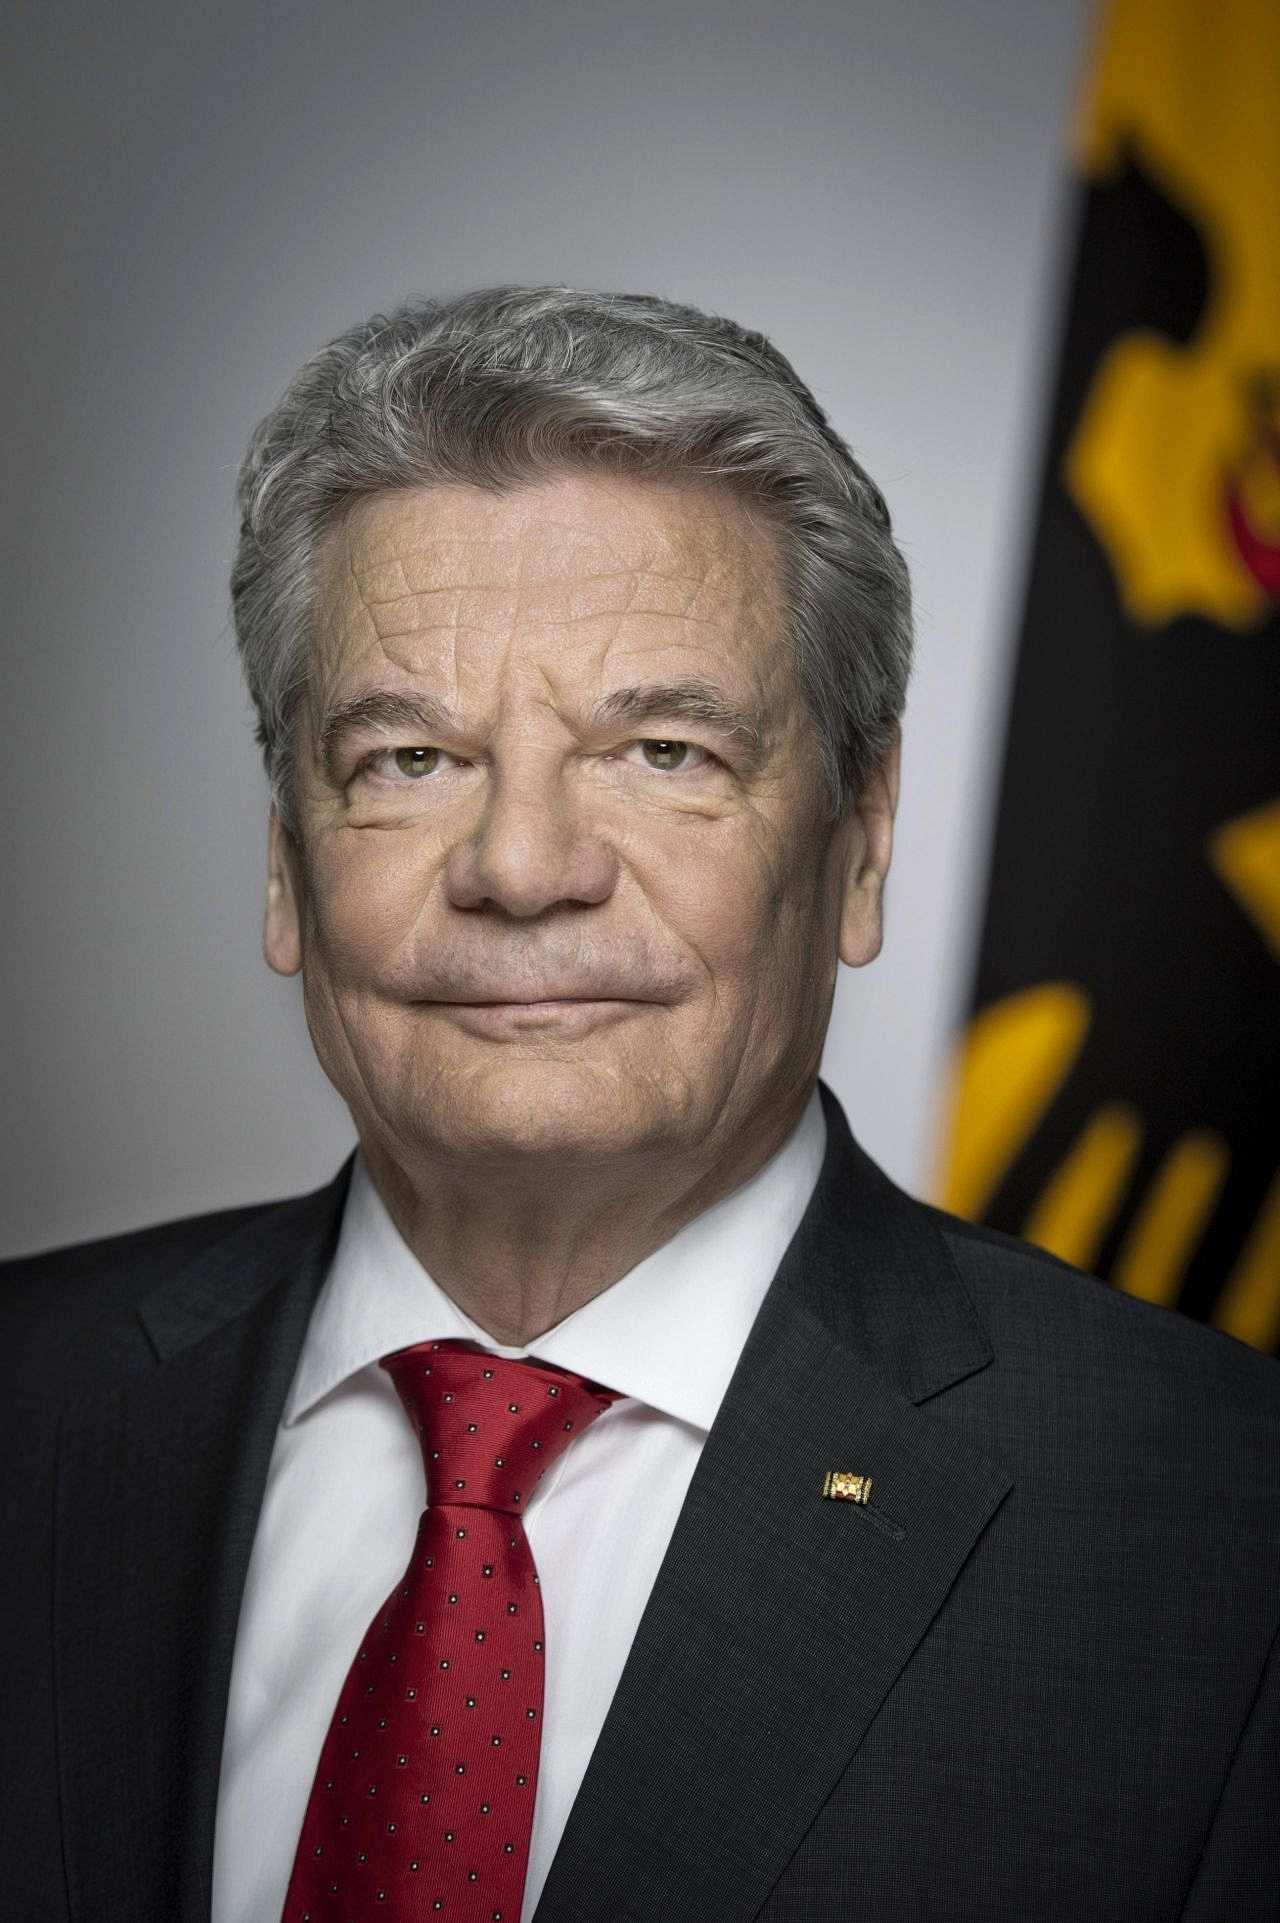 Offizielles Porträt von Bundespräsident <b>Joachim Gauck</b>, 2012. - gauck-joachim_foto_LEMO-F-6-053_bbst